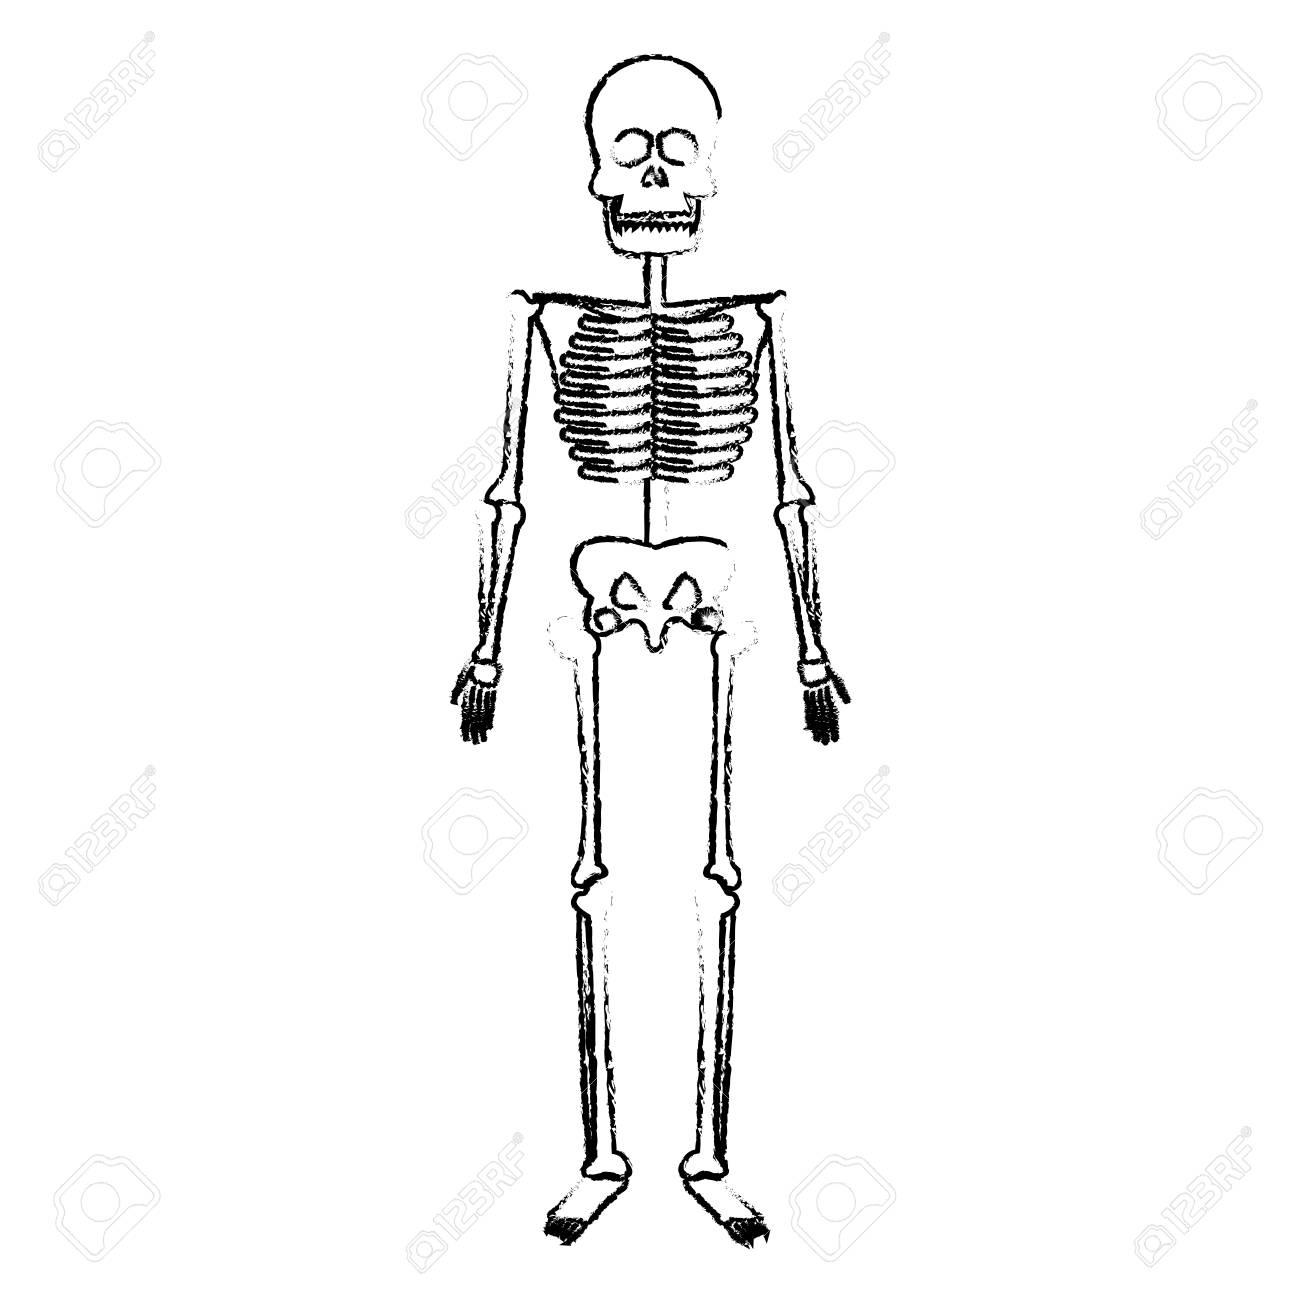 Esqueleto Humano Cuerpo Huesos Vector Médica Ilustración ...